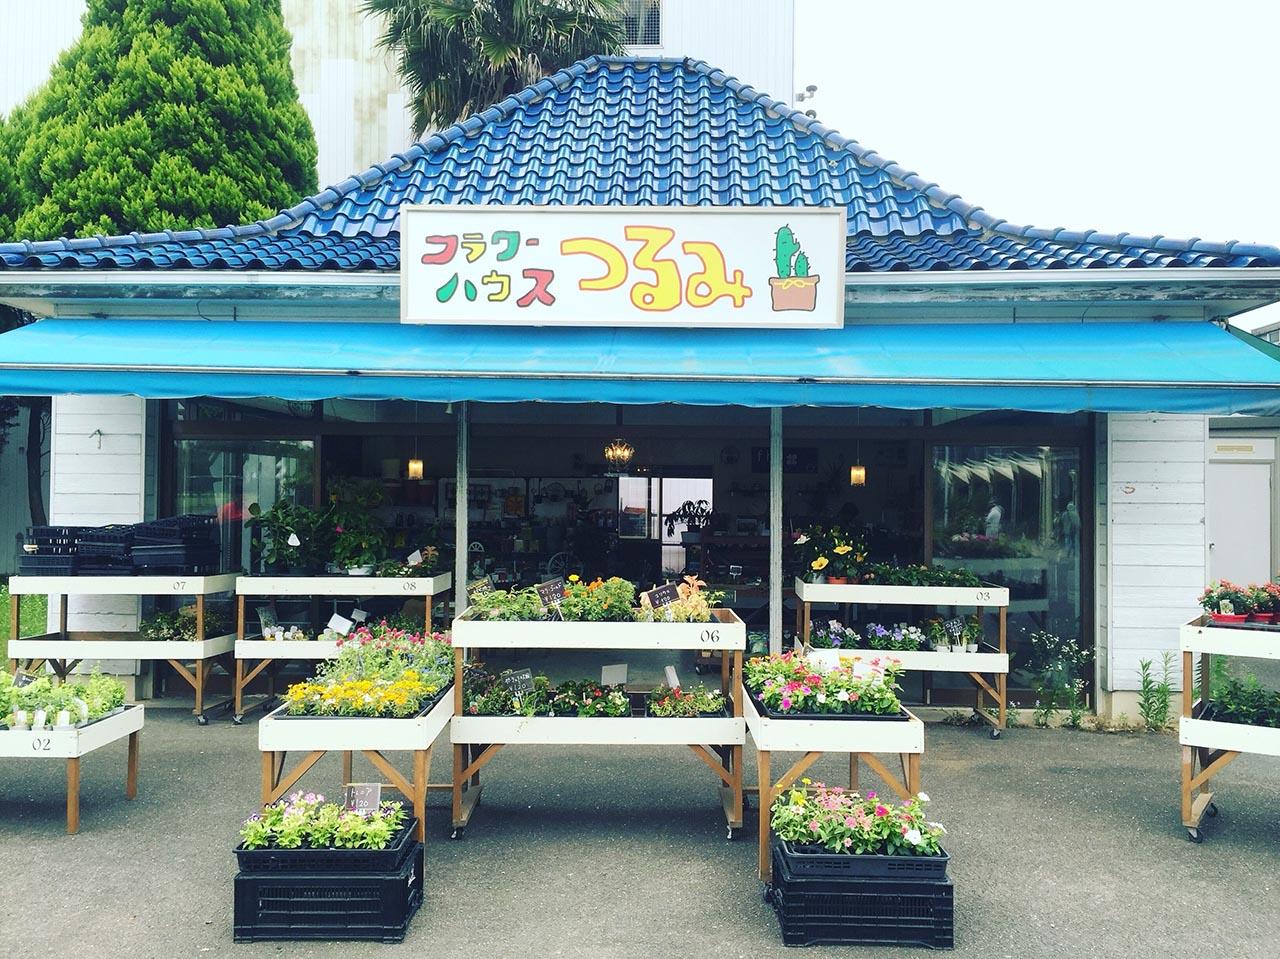 鮮花競放館的植物販賣區